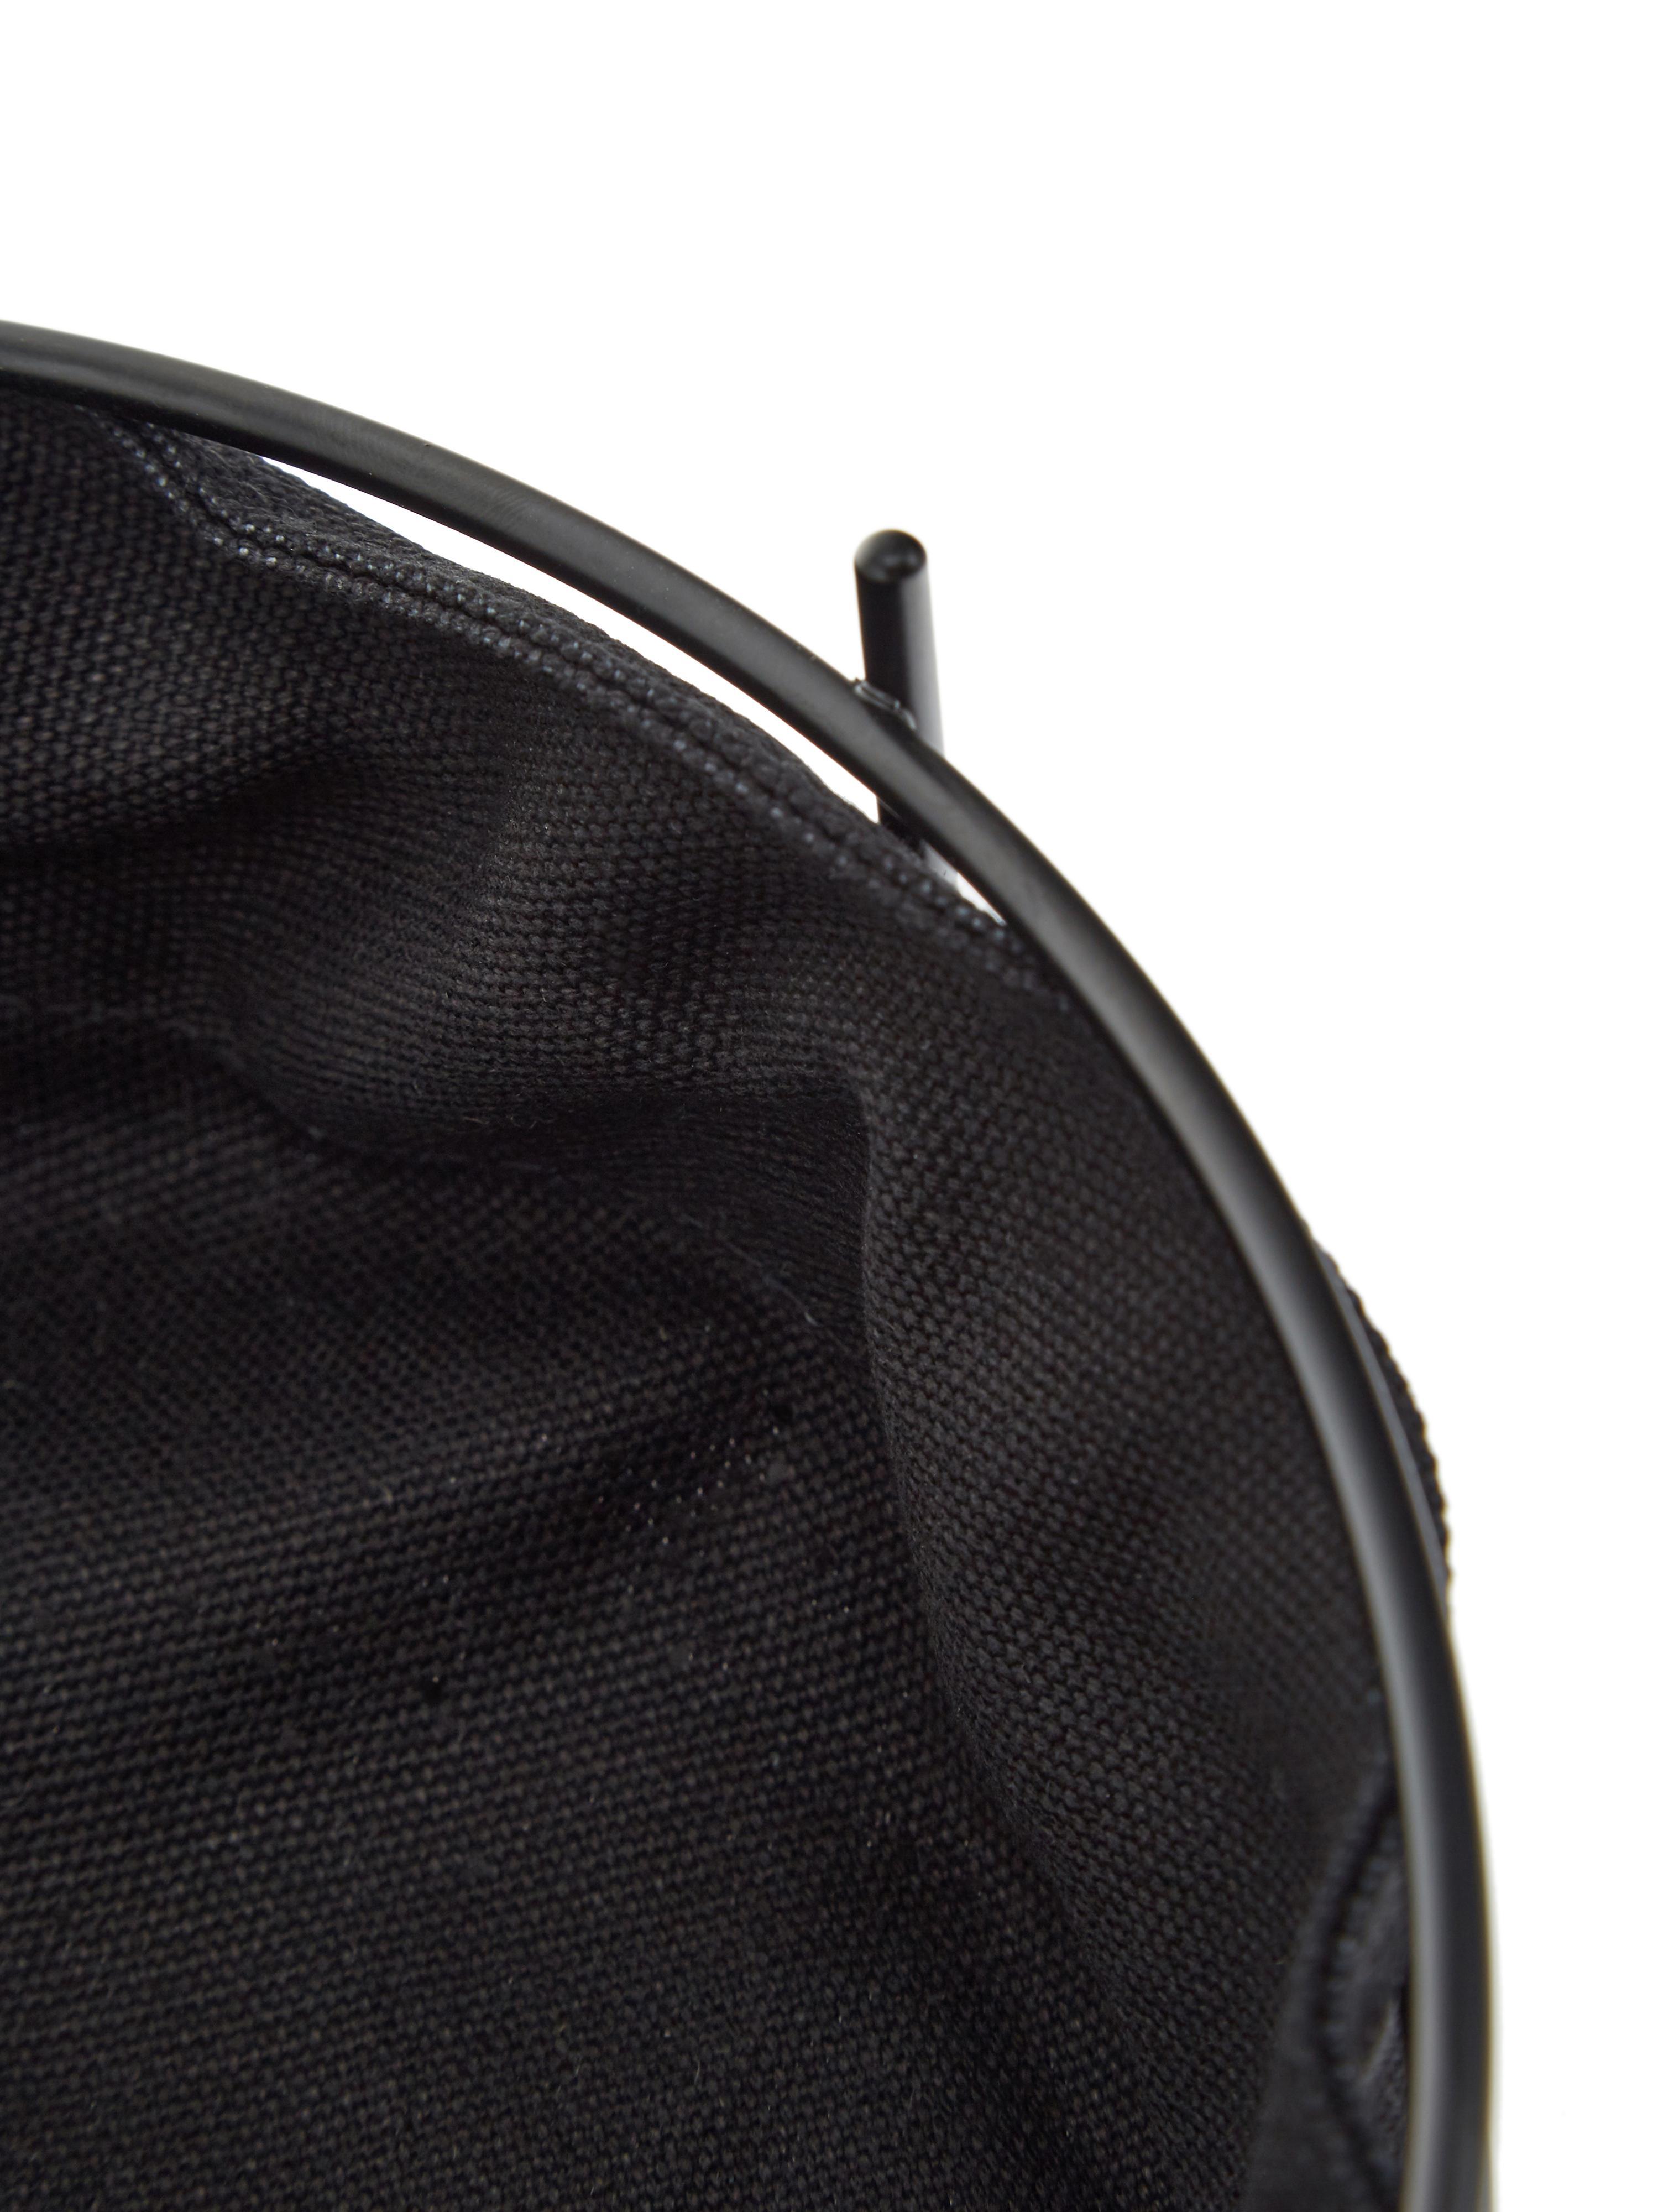 Kosz na pieczywo z wyjmowaną wkładką Gola, Czarny, Ø 26 x W 8 cm